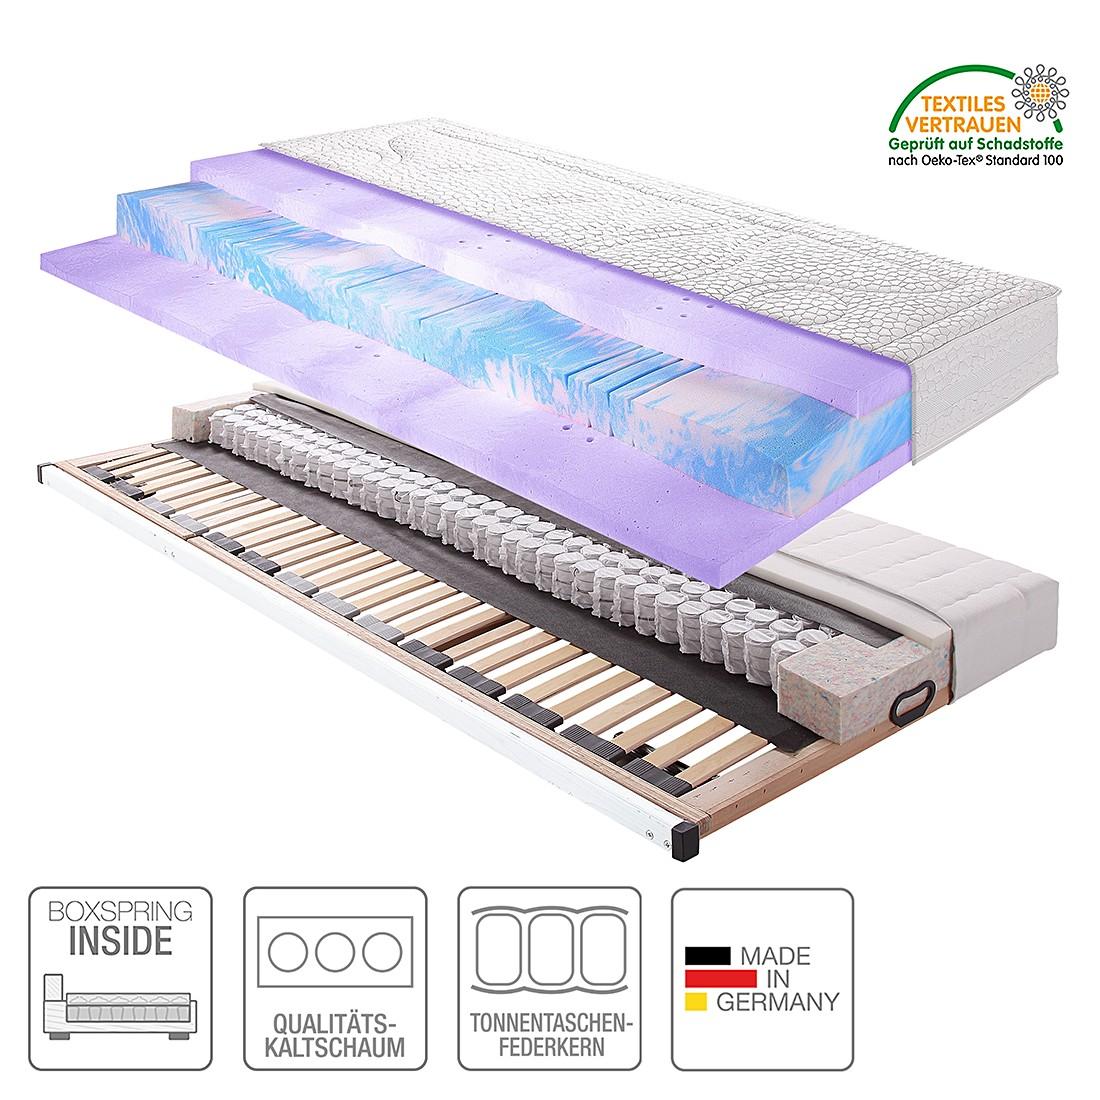 Boxspring Inside System Sleep Luxus VIII – 140 x 200cm – H2 bis 80 kg, Breckle jetzt kaufen